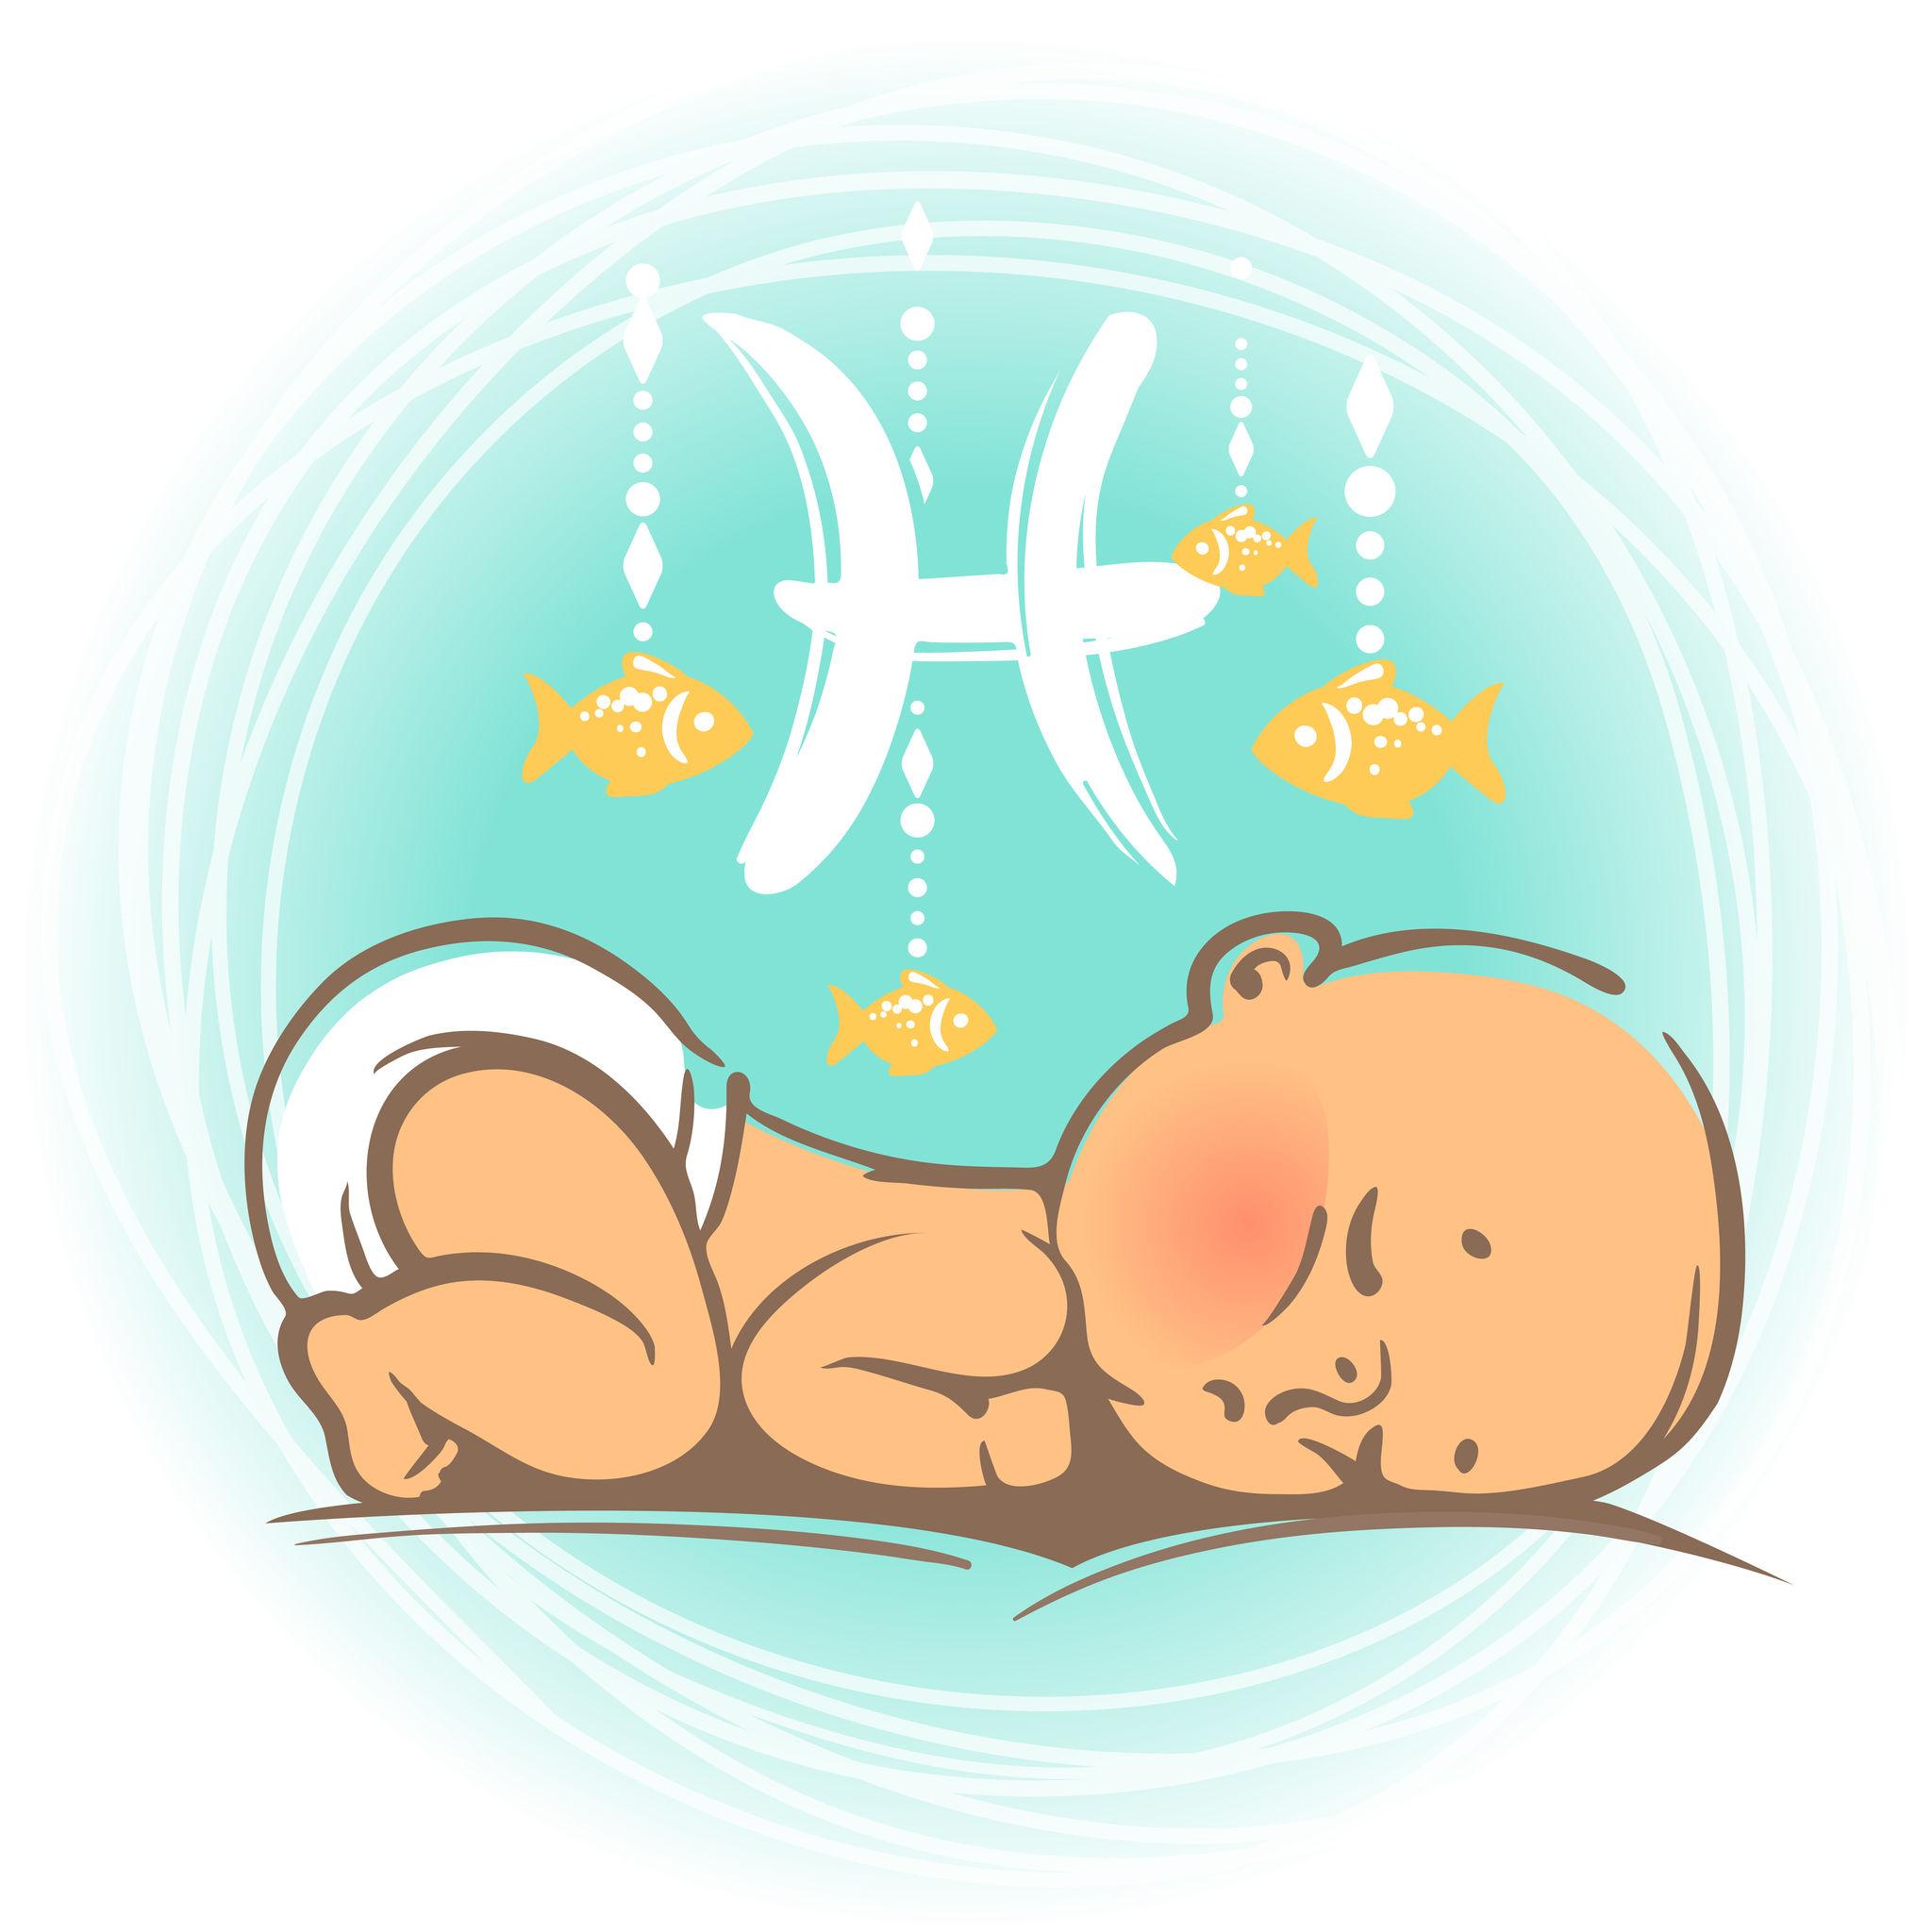 Bebe Pesti - Horoscopul Bebelusilor